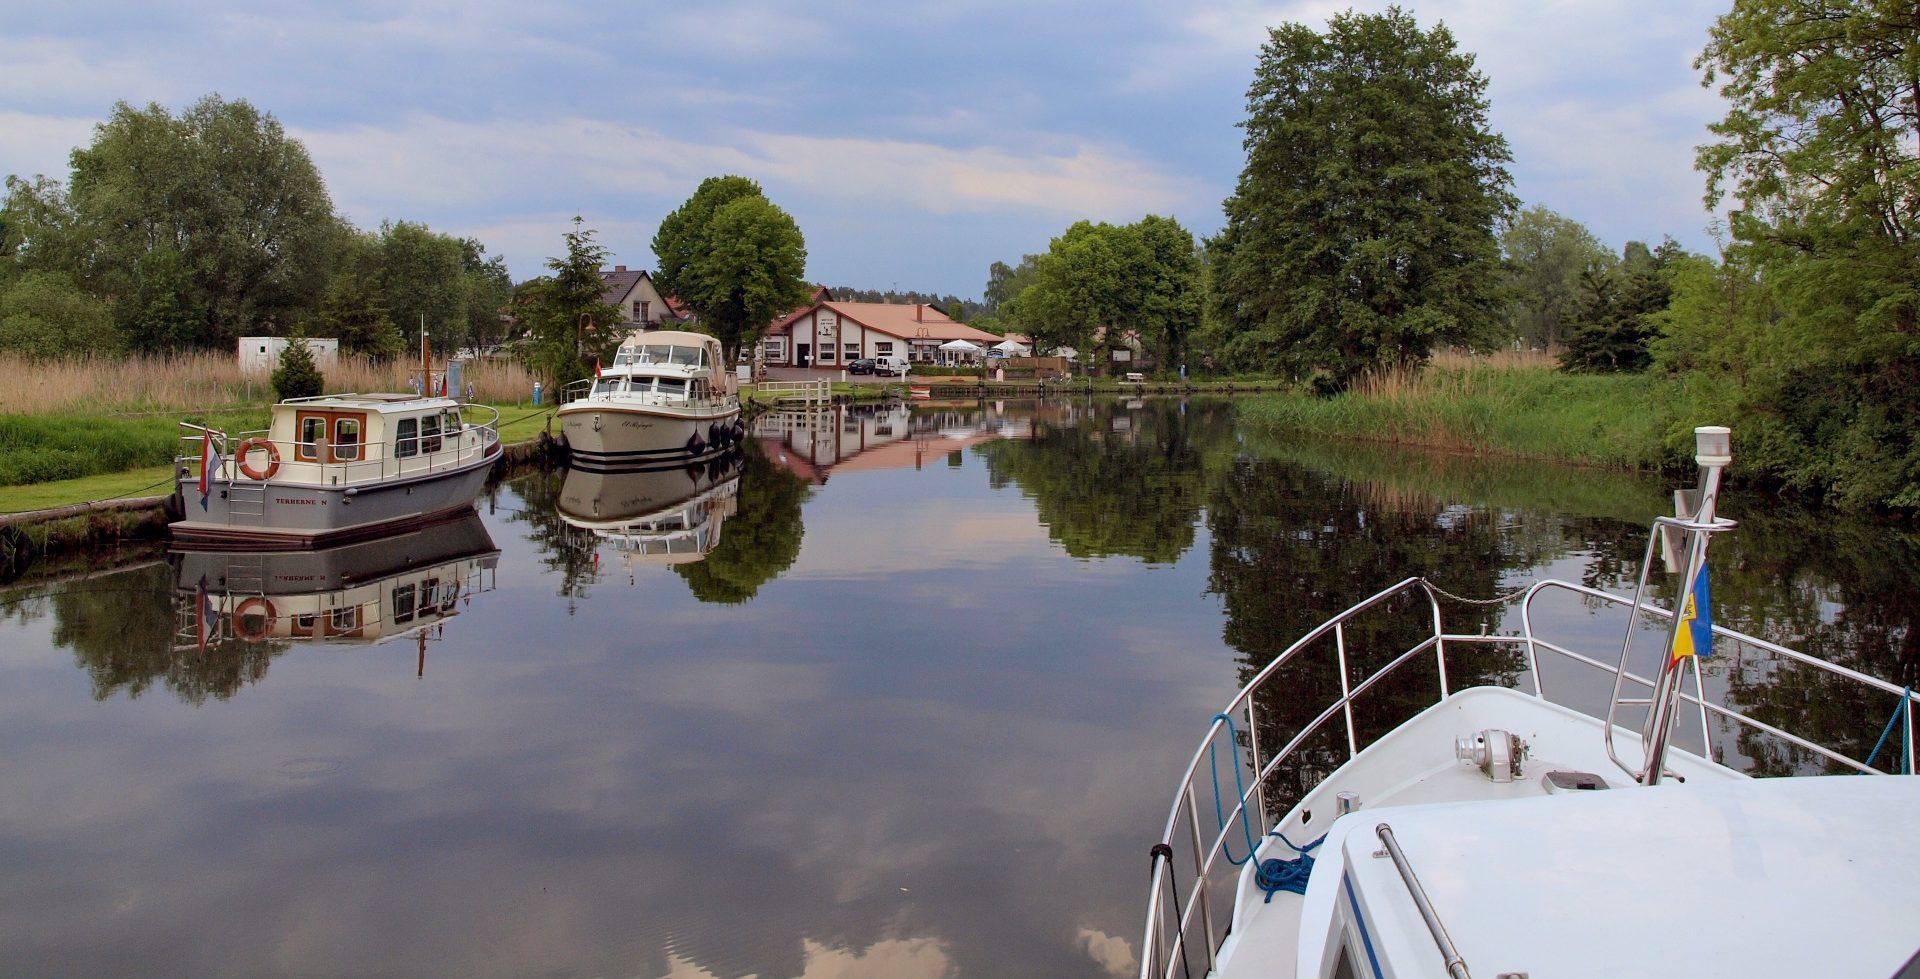 Ruppiner Seenland - Hausbootfahren ohne Bootsführerschein